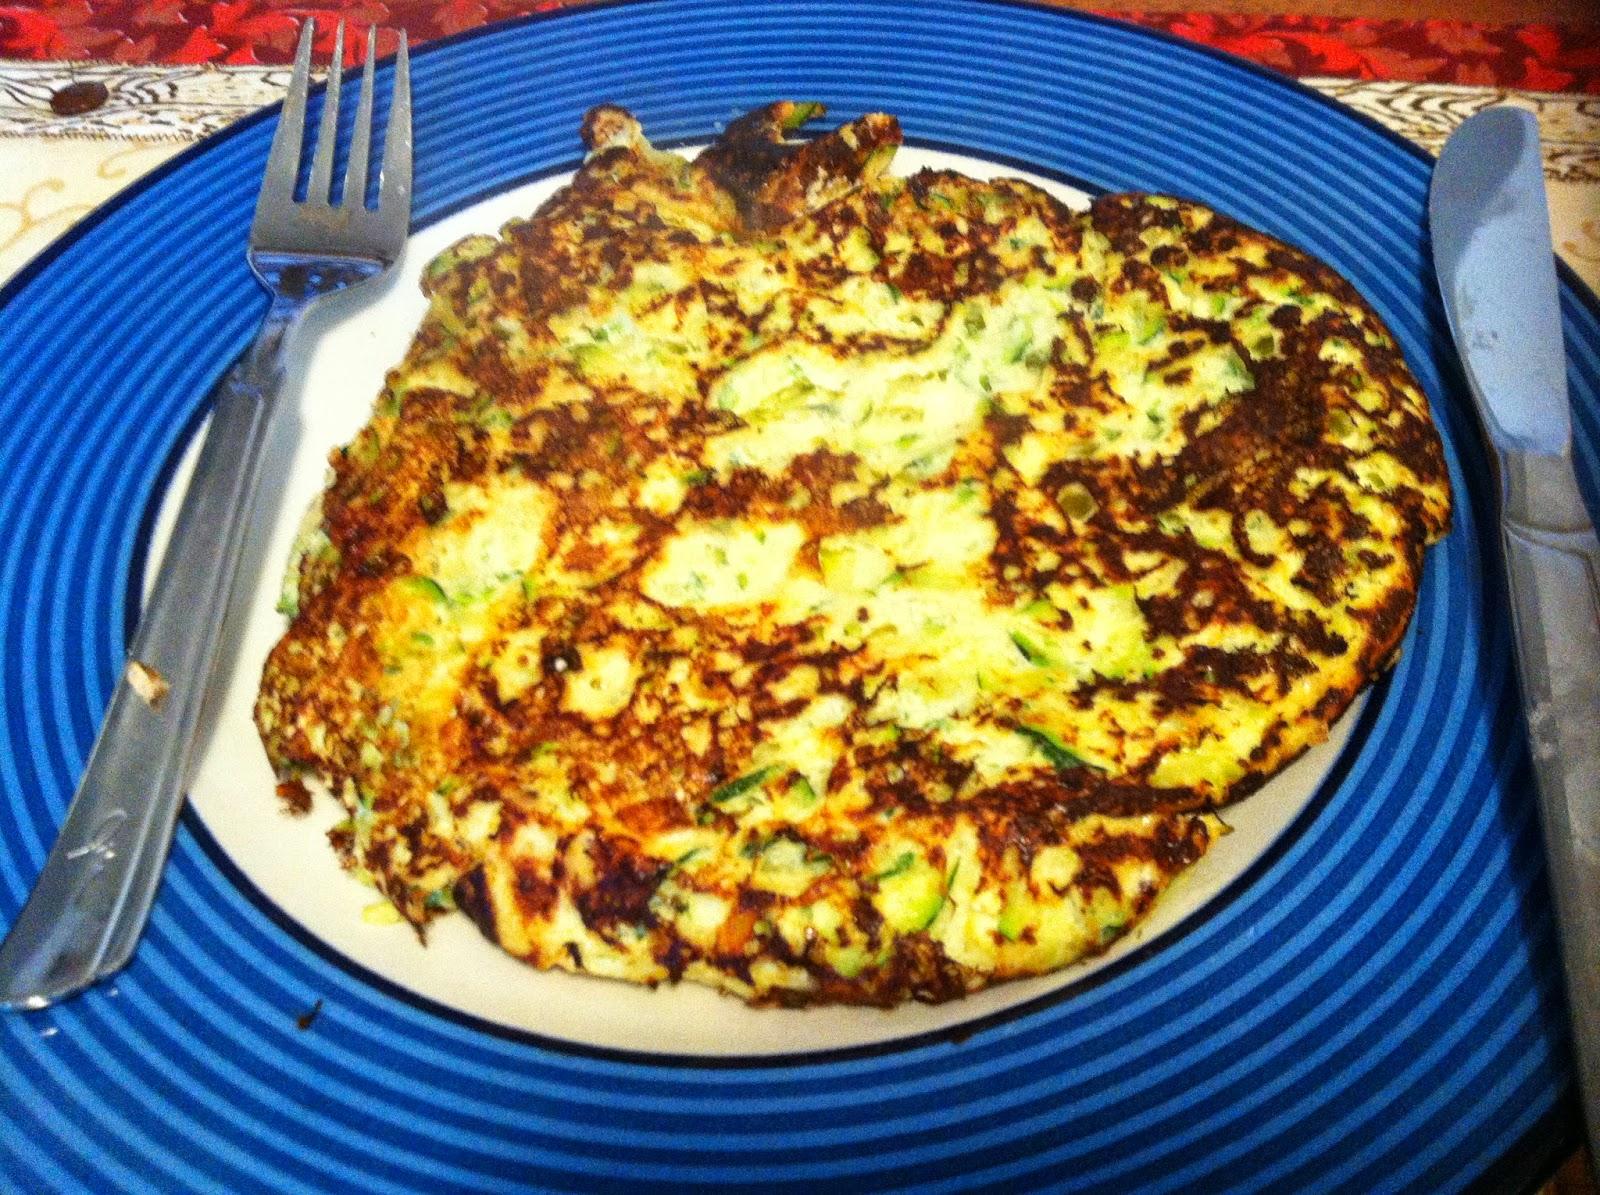 Zucchini carrot frittata recipes - zucchini carrot frittata recipe